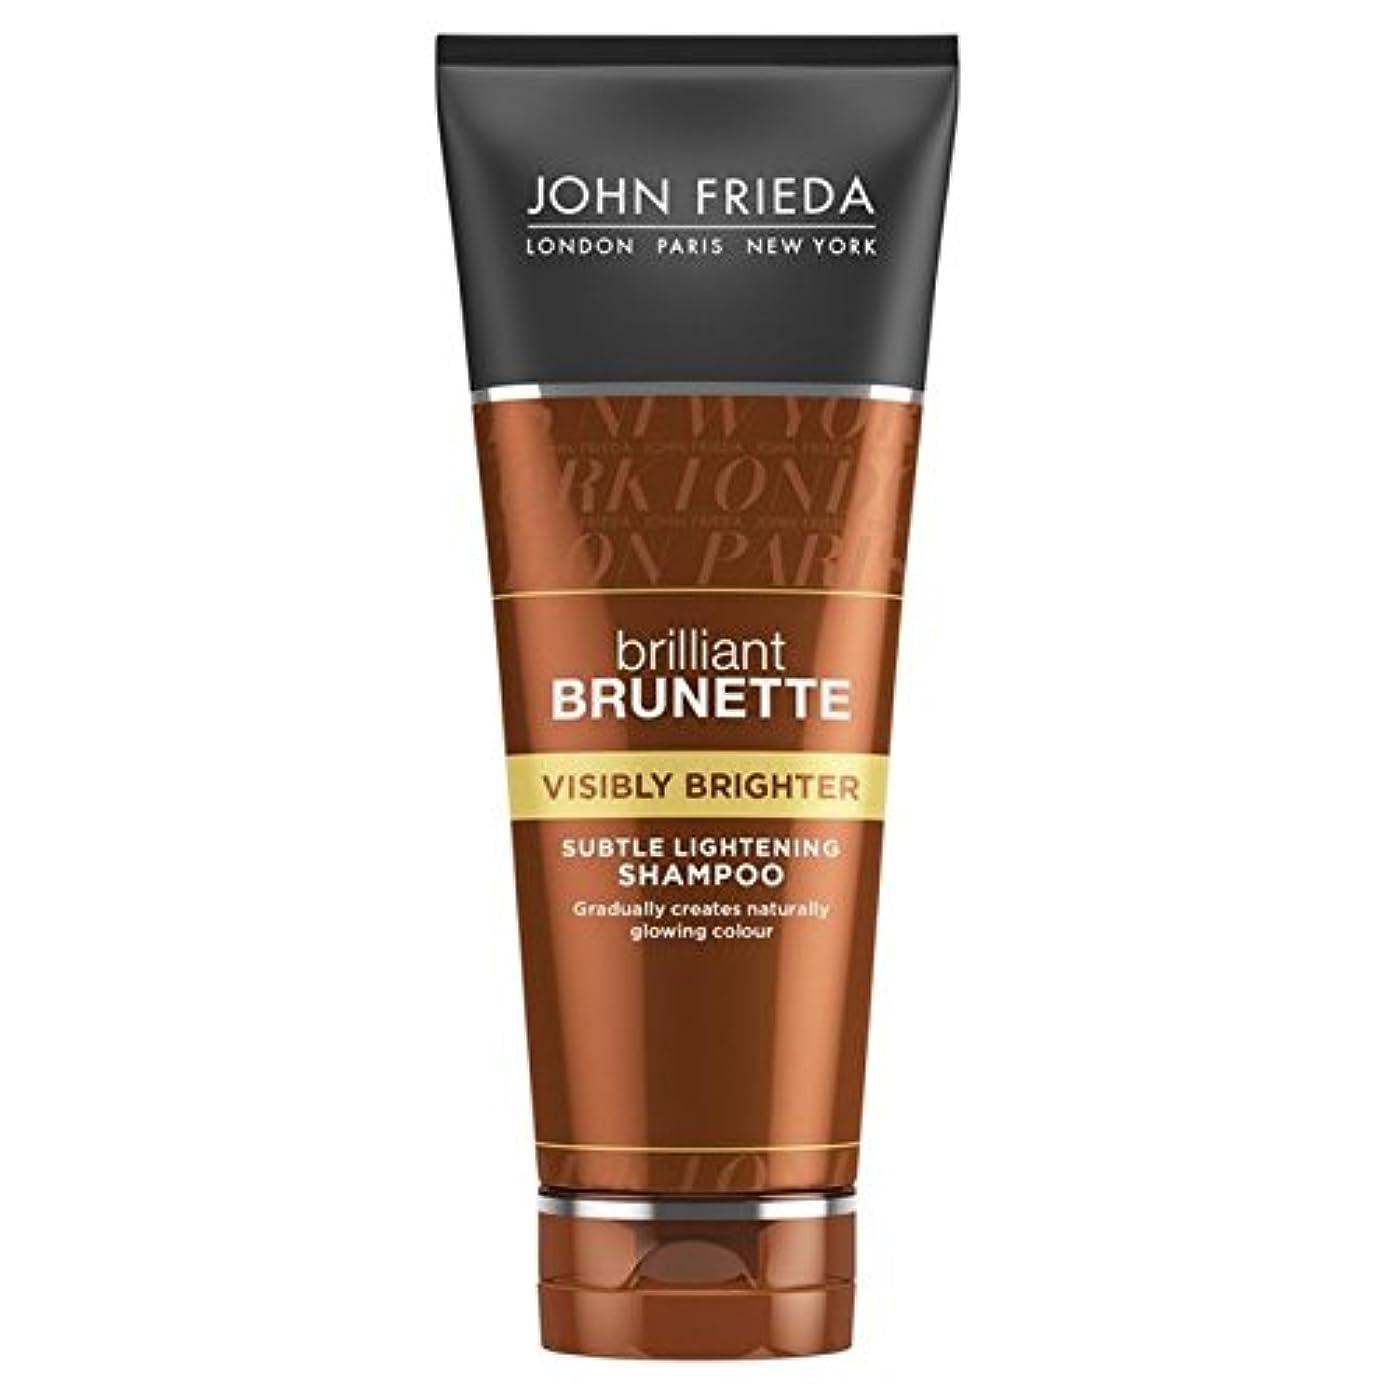 先に先に前書きJohn Frieda Brilliant Brunette Visibly Brighter Shampoo 250ml - ジョン?フリーダ華麗なブルネット目に見えて明るくシャンプー250 [並行輸入品]